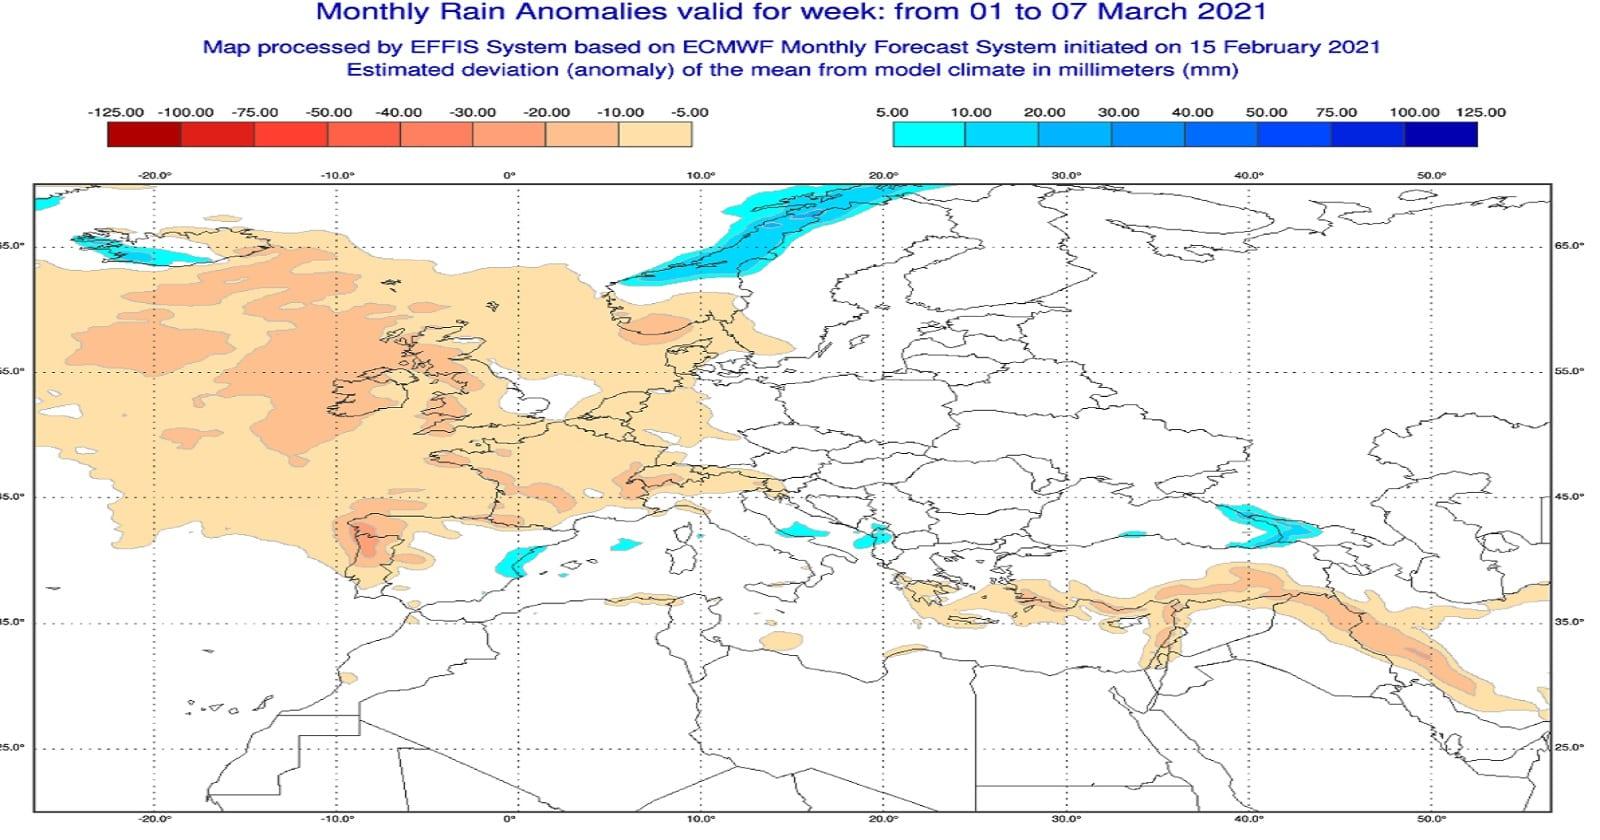 Anomalie di precipitazione previste tra il 1 e il 7 marzo - effis.jrc.ec.europa.eu.jpg